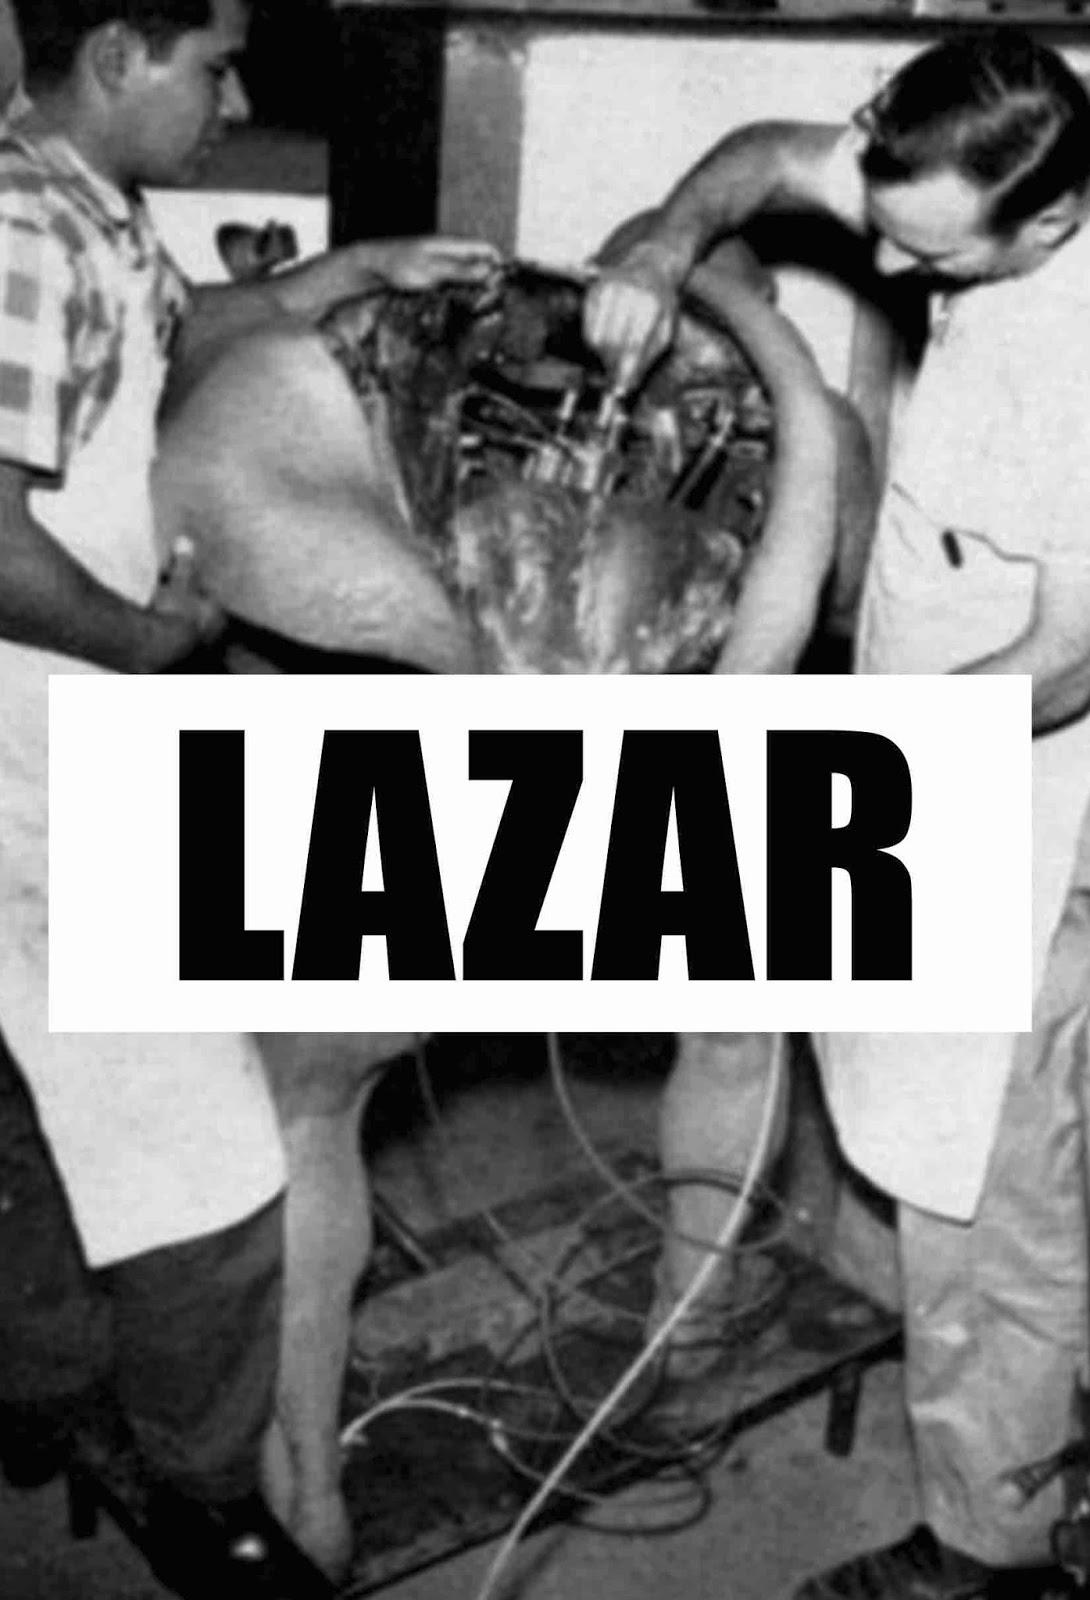 LAZAR-couv-visuel+-+copie